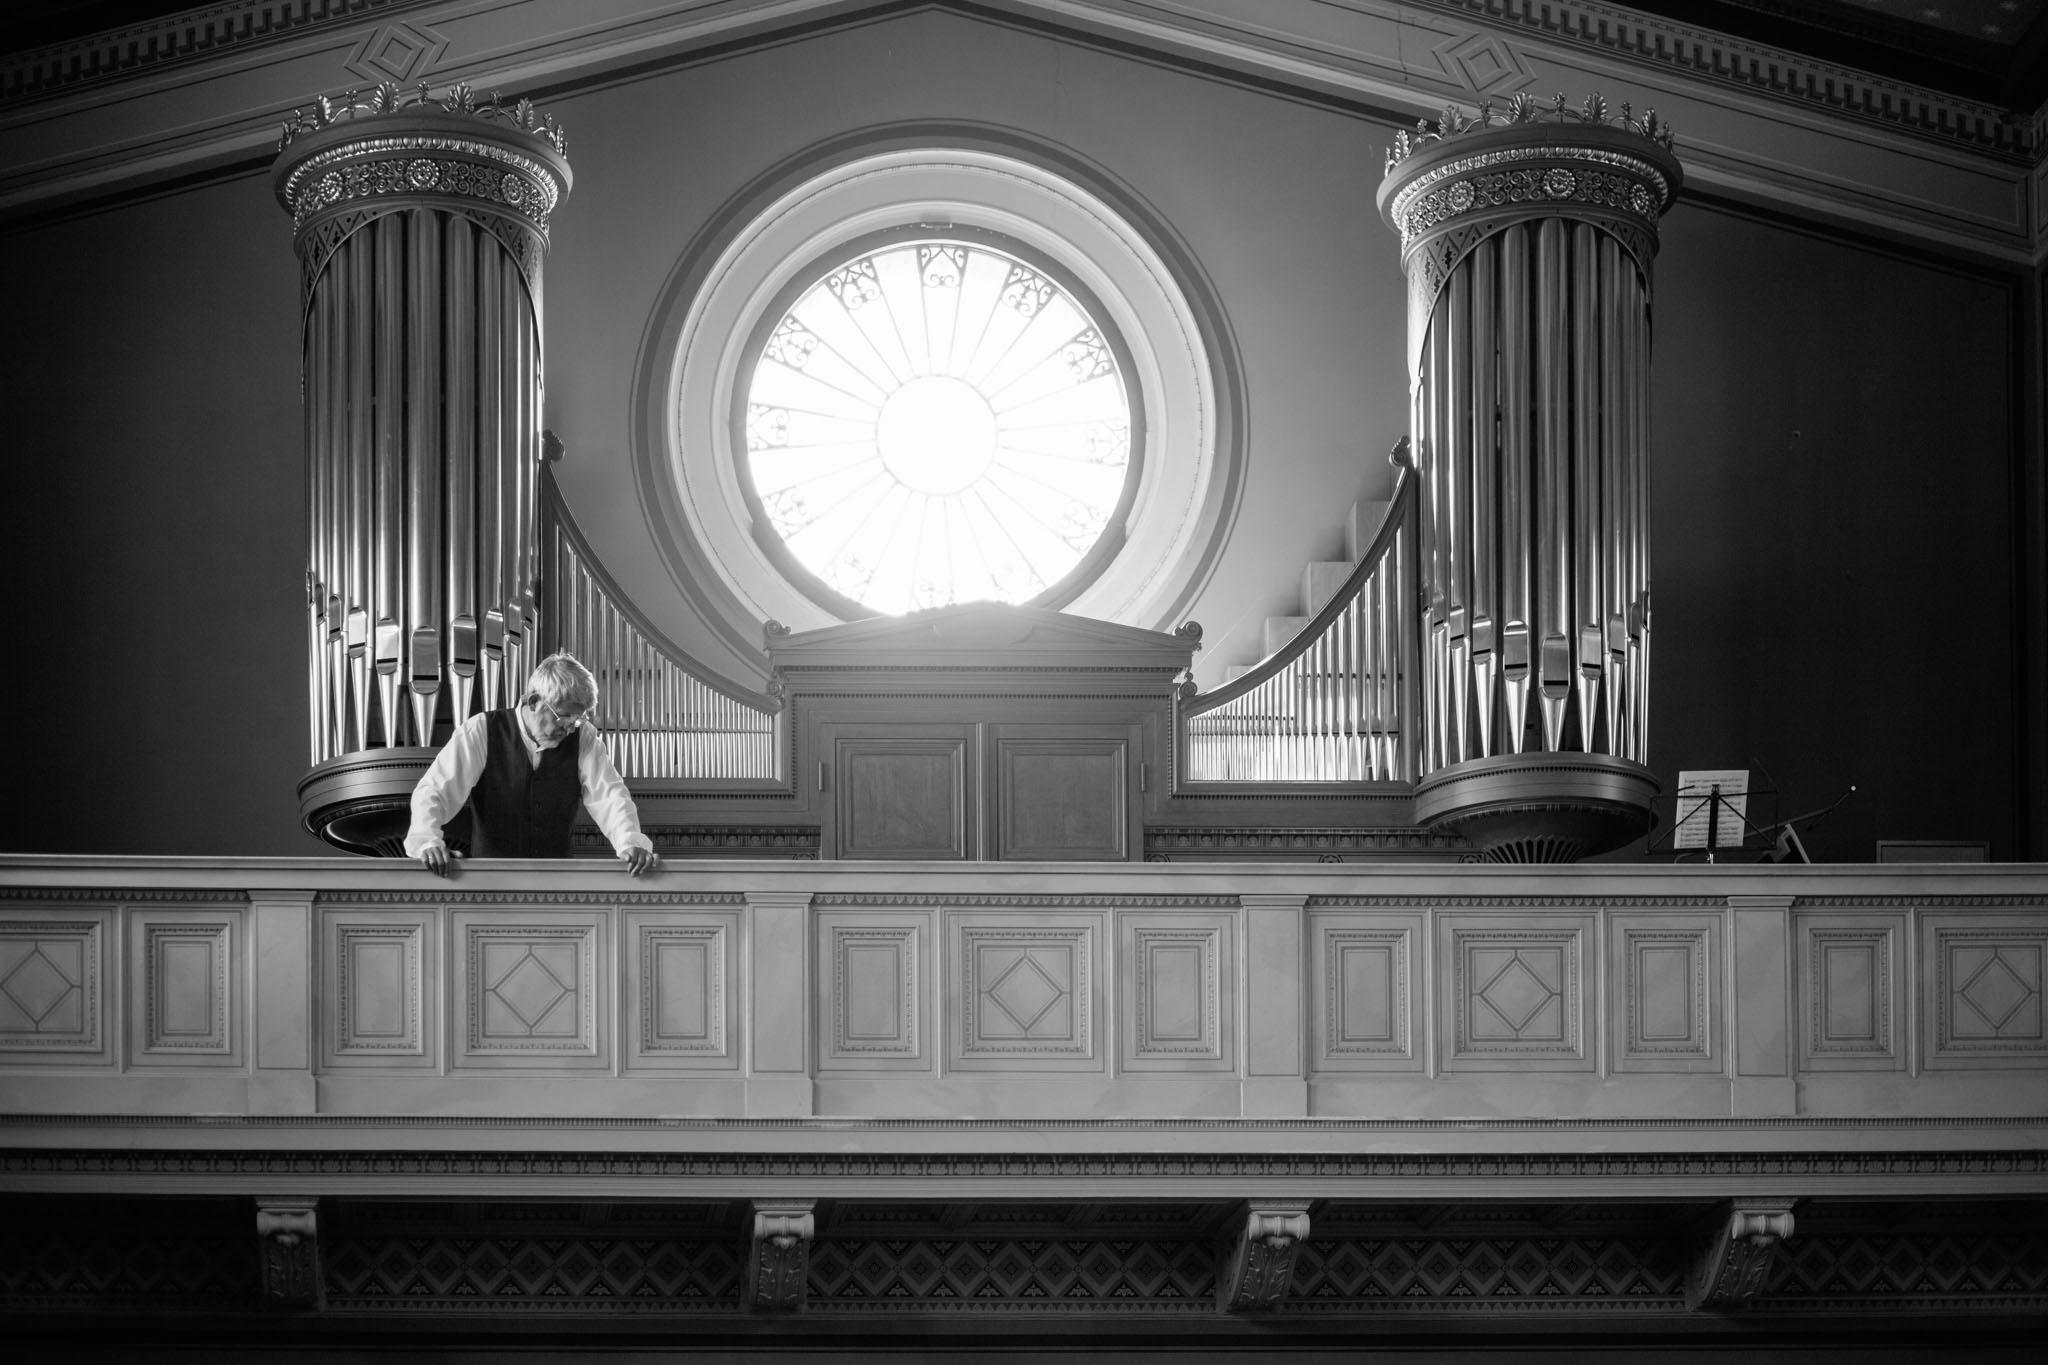 heilandskirche-sacrow-orgel-schwarzweiss